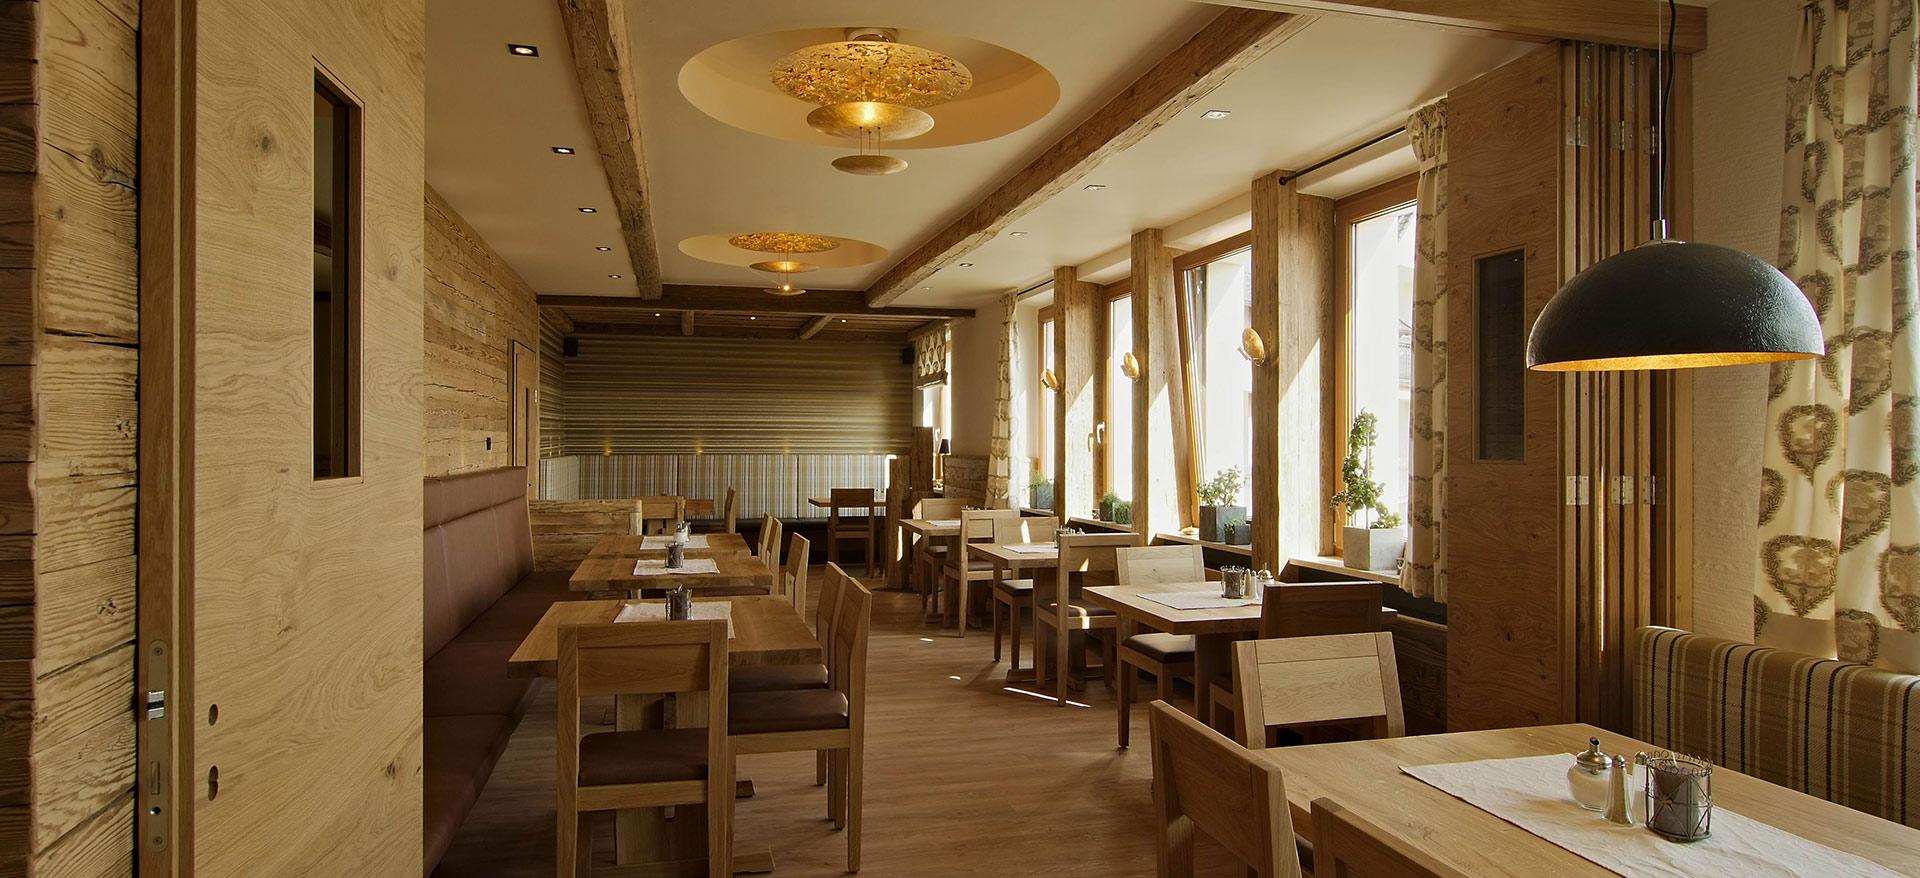 restaurant-slide